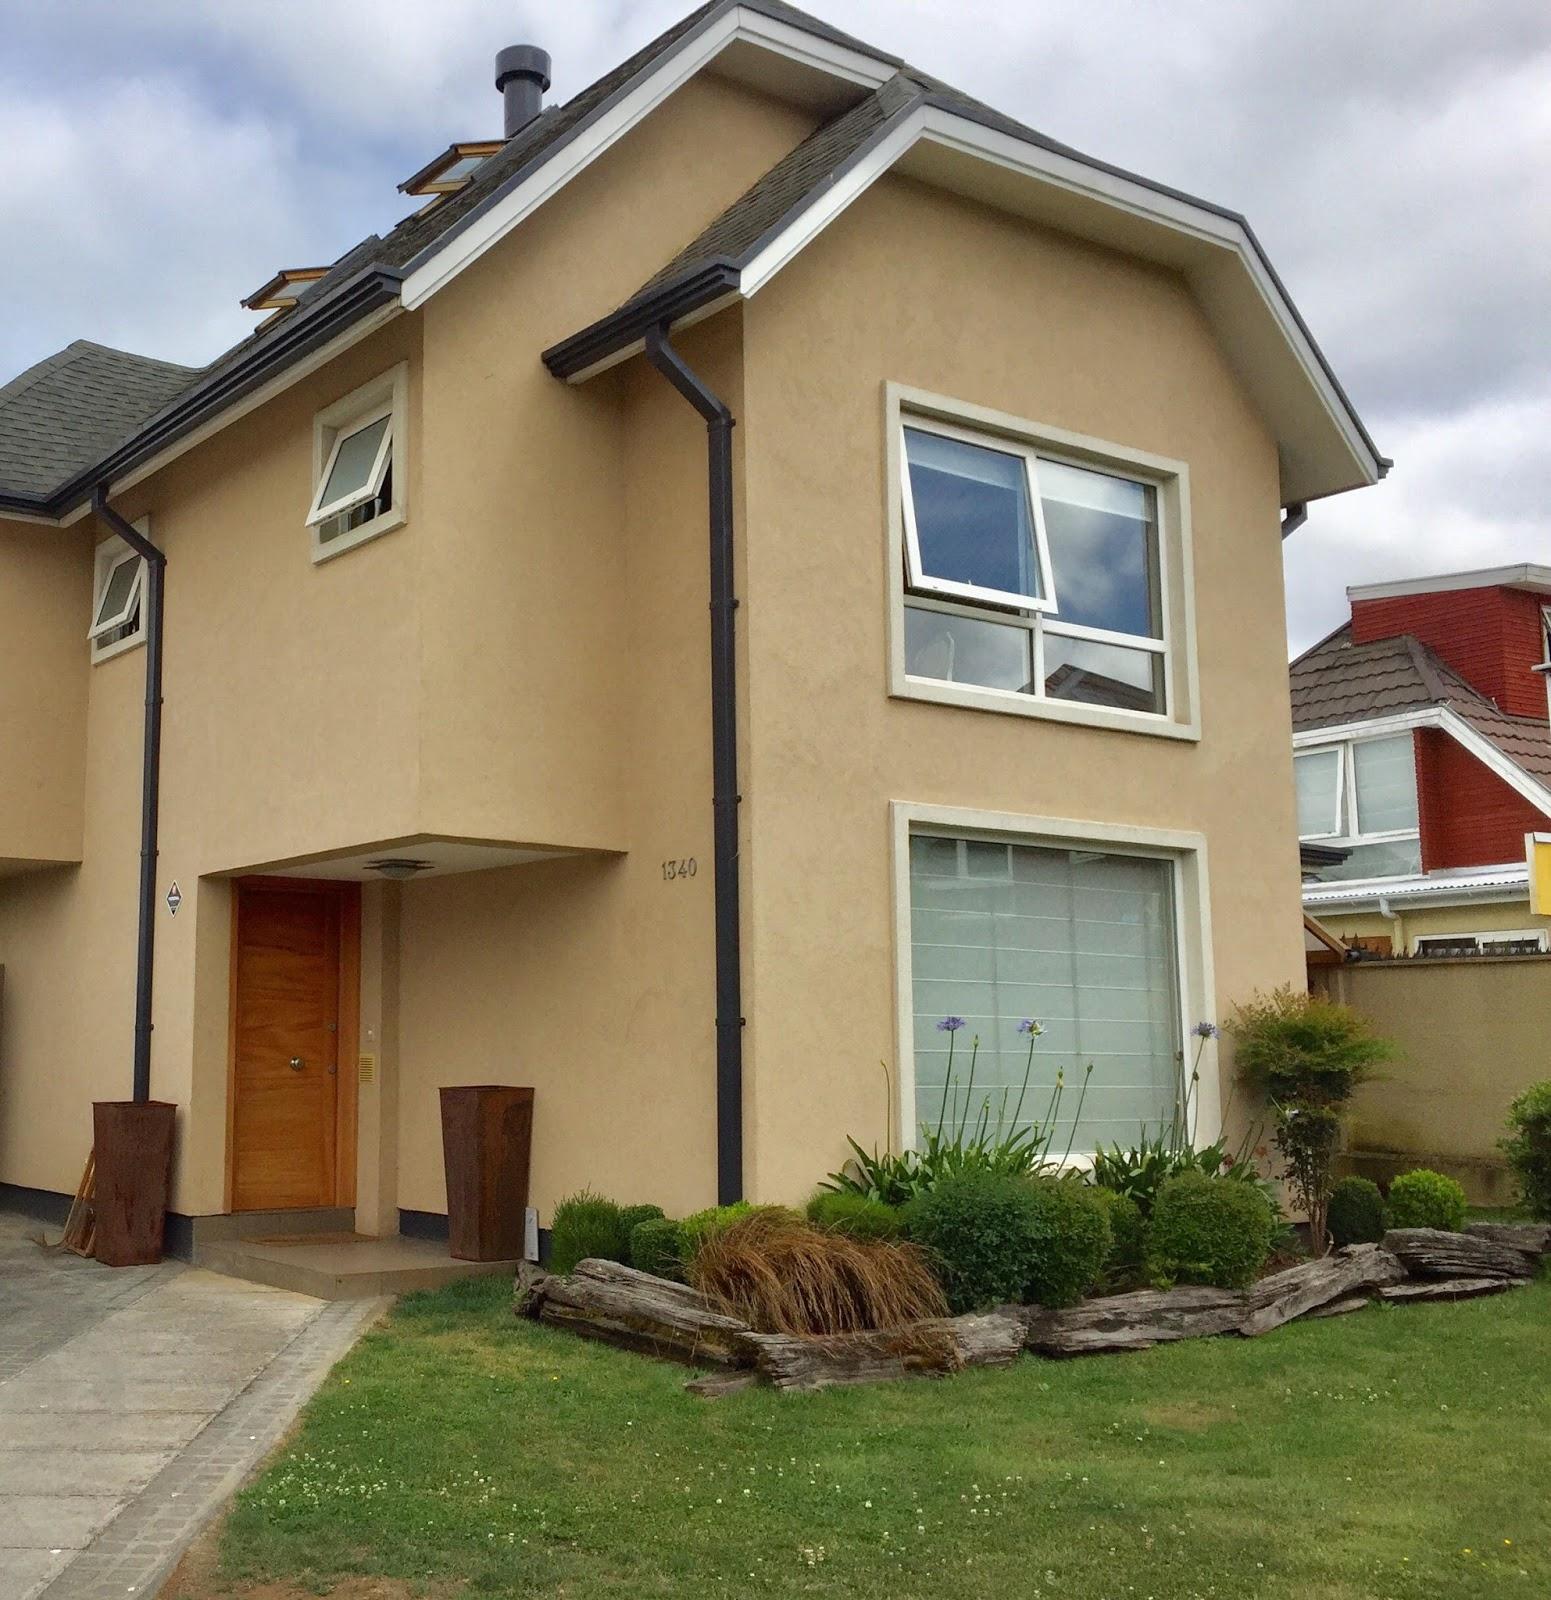 Venta de casa con 4d en barrio germania temuco rachel for Arriendo de casas en temuco